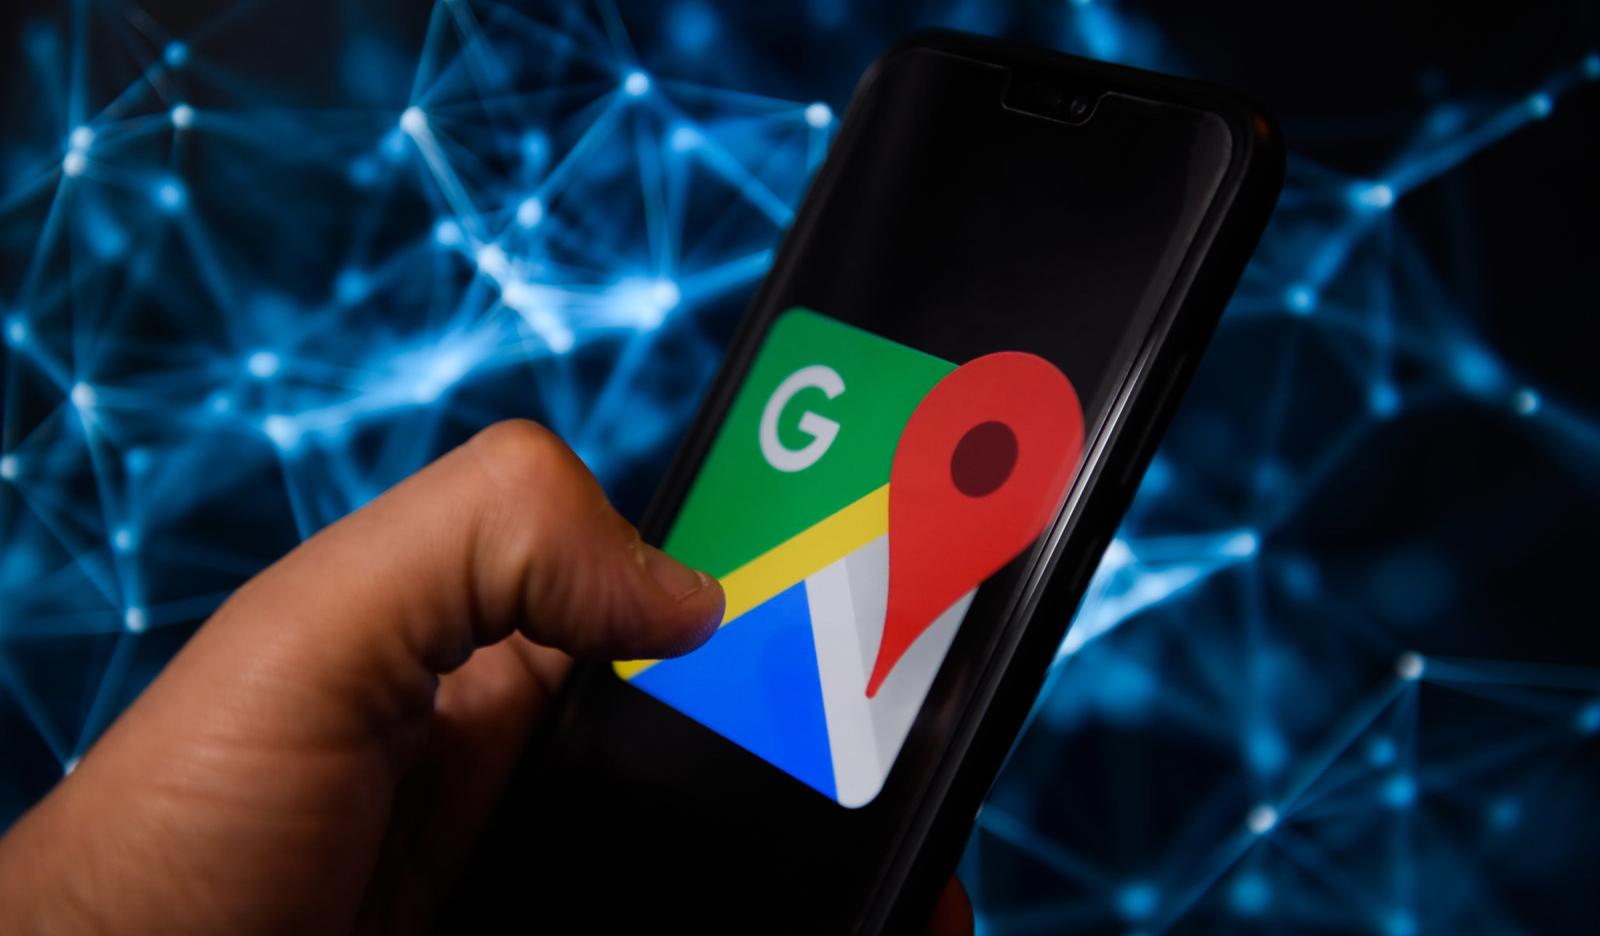 В Google Maps появится возможность организации публичных мероприятий